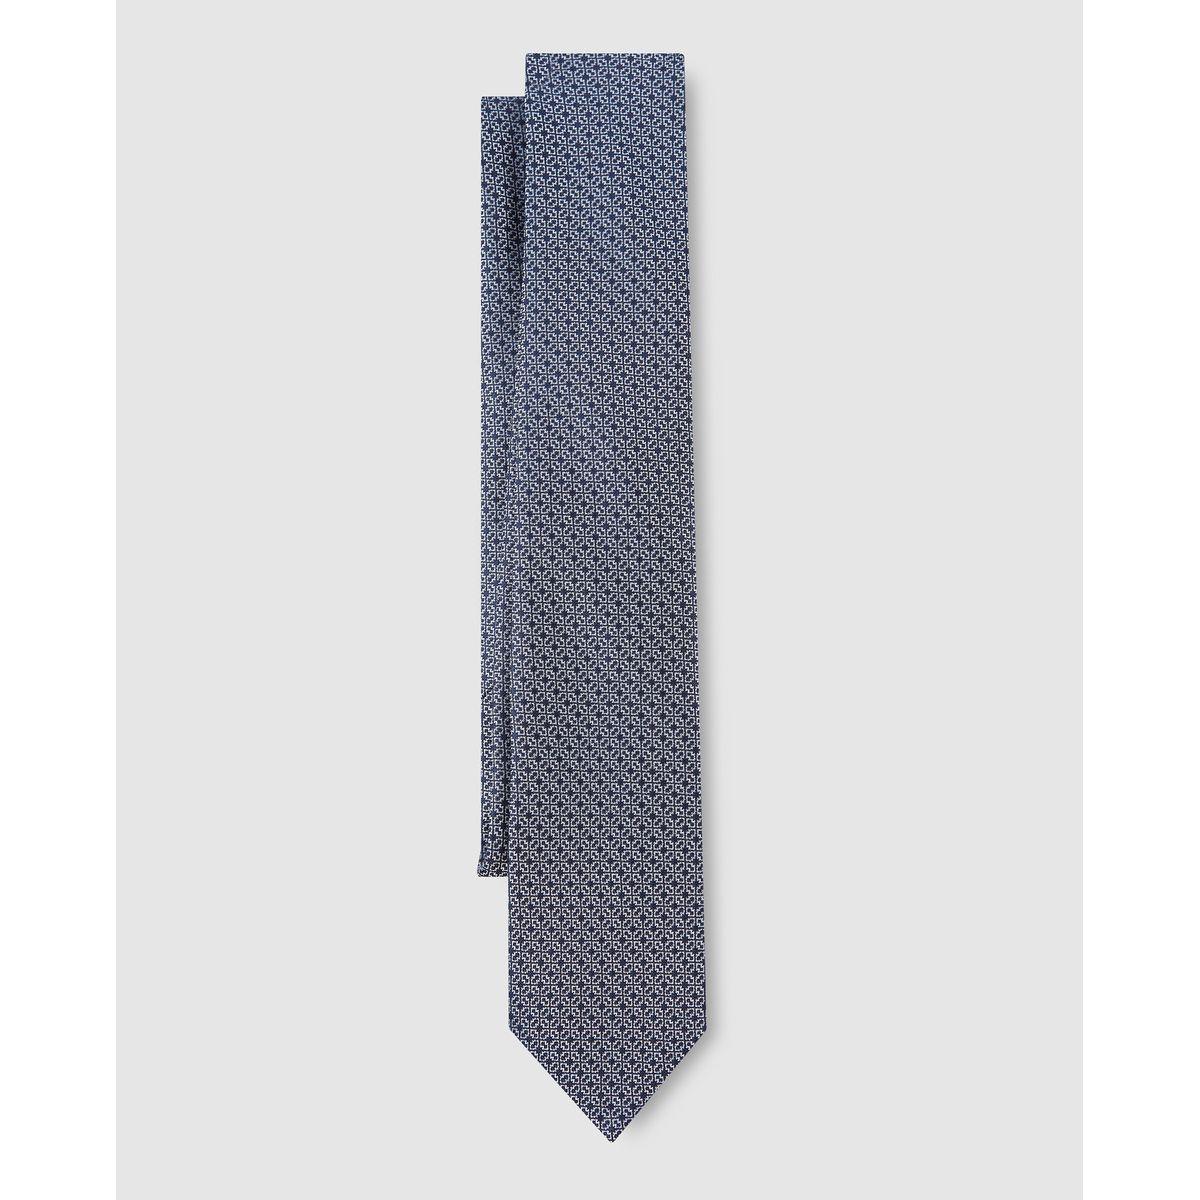 Cravate à imprimé géométrique